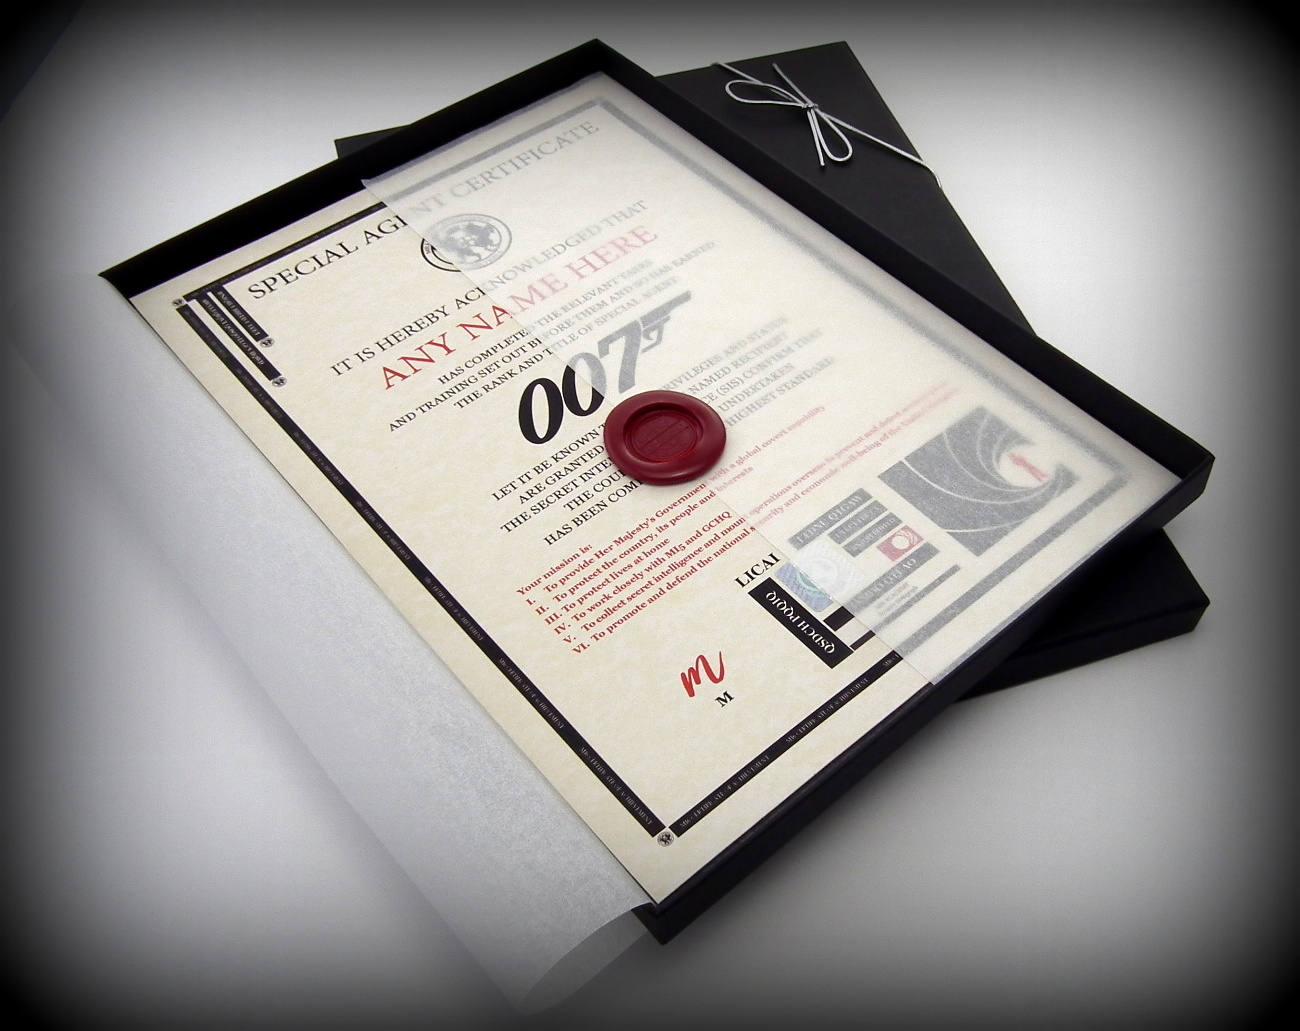 Deluxe James Bond 007 Zertifikat in einem Luxus-Geschenk-Box